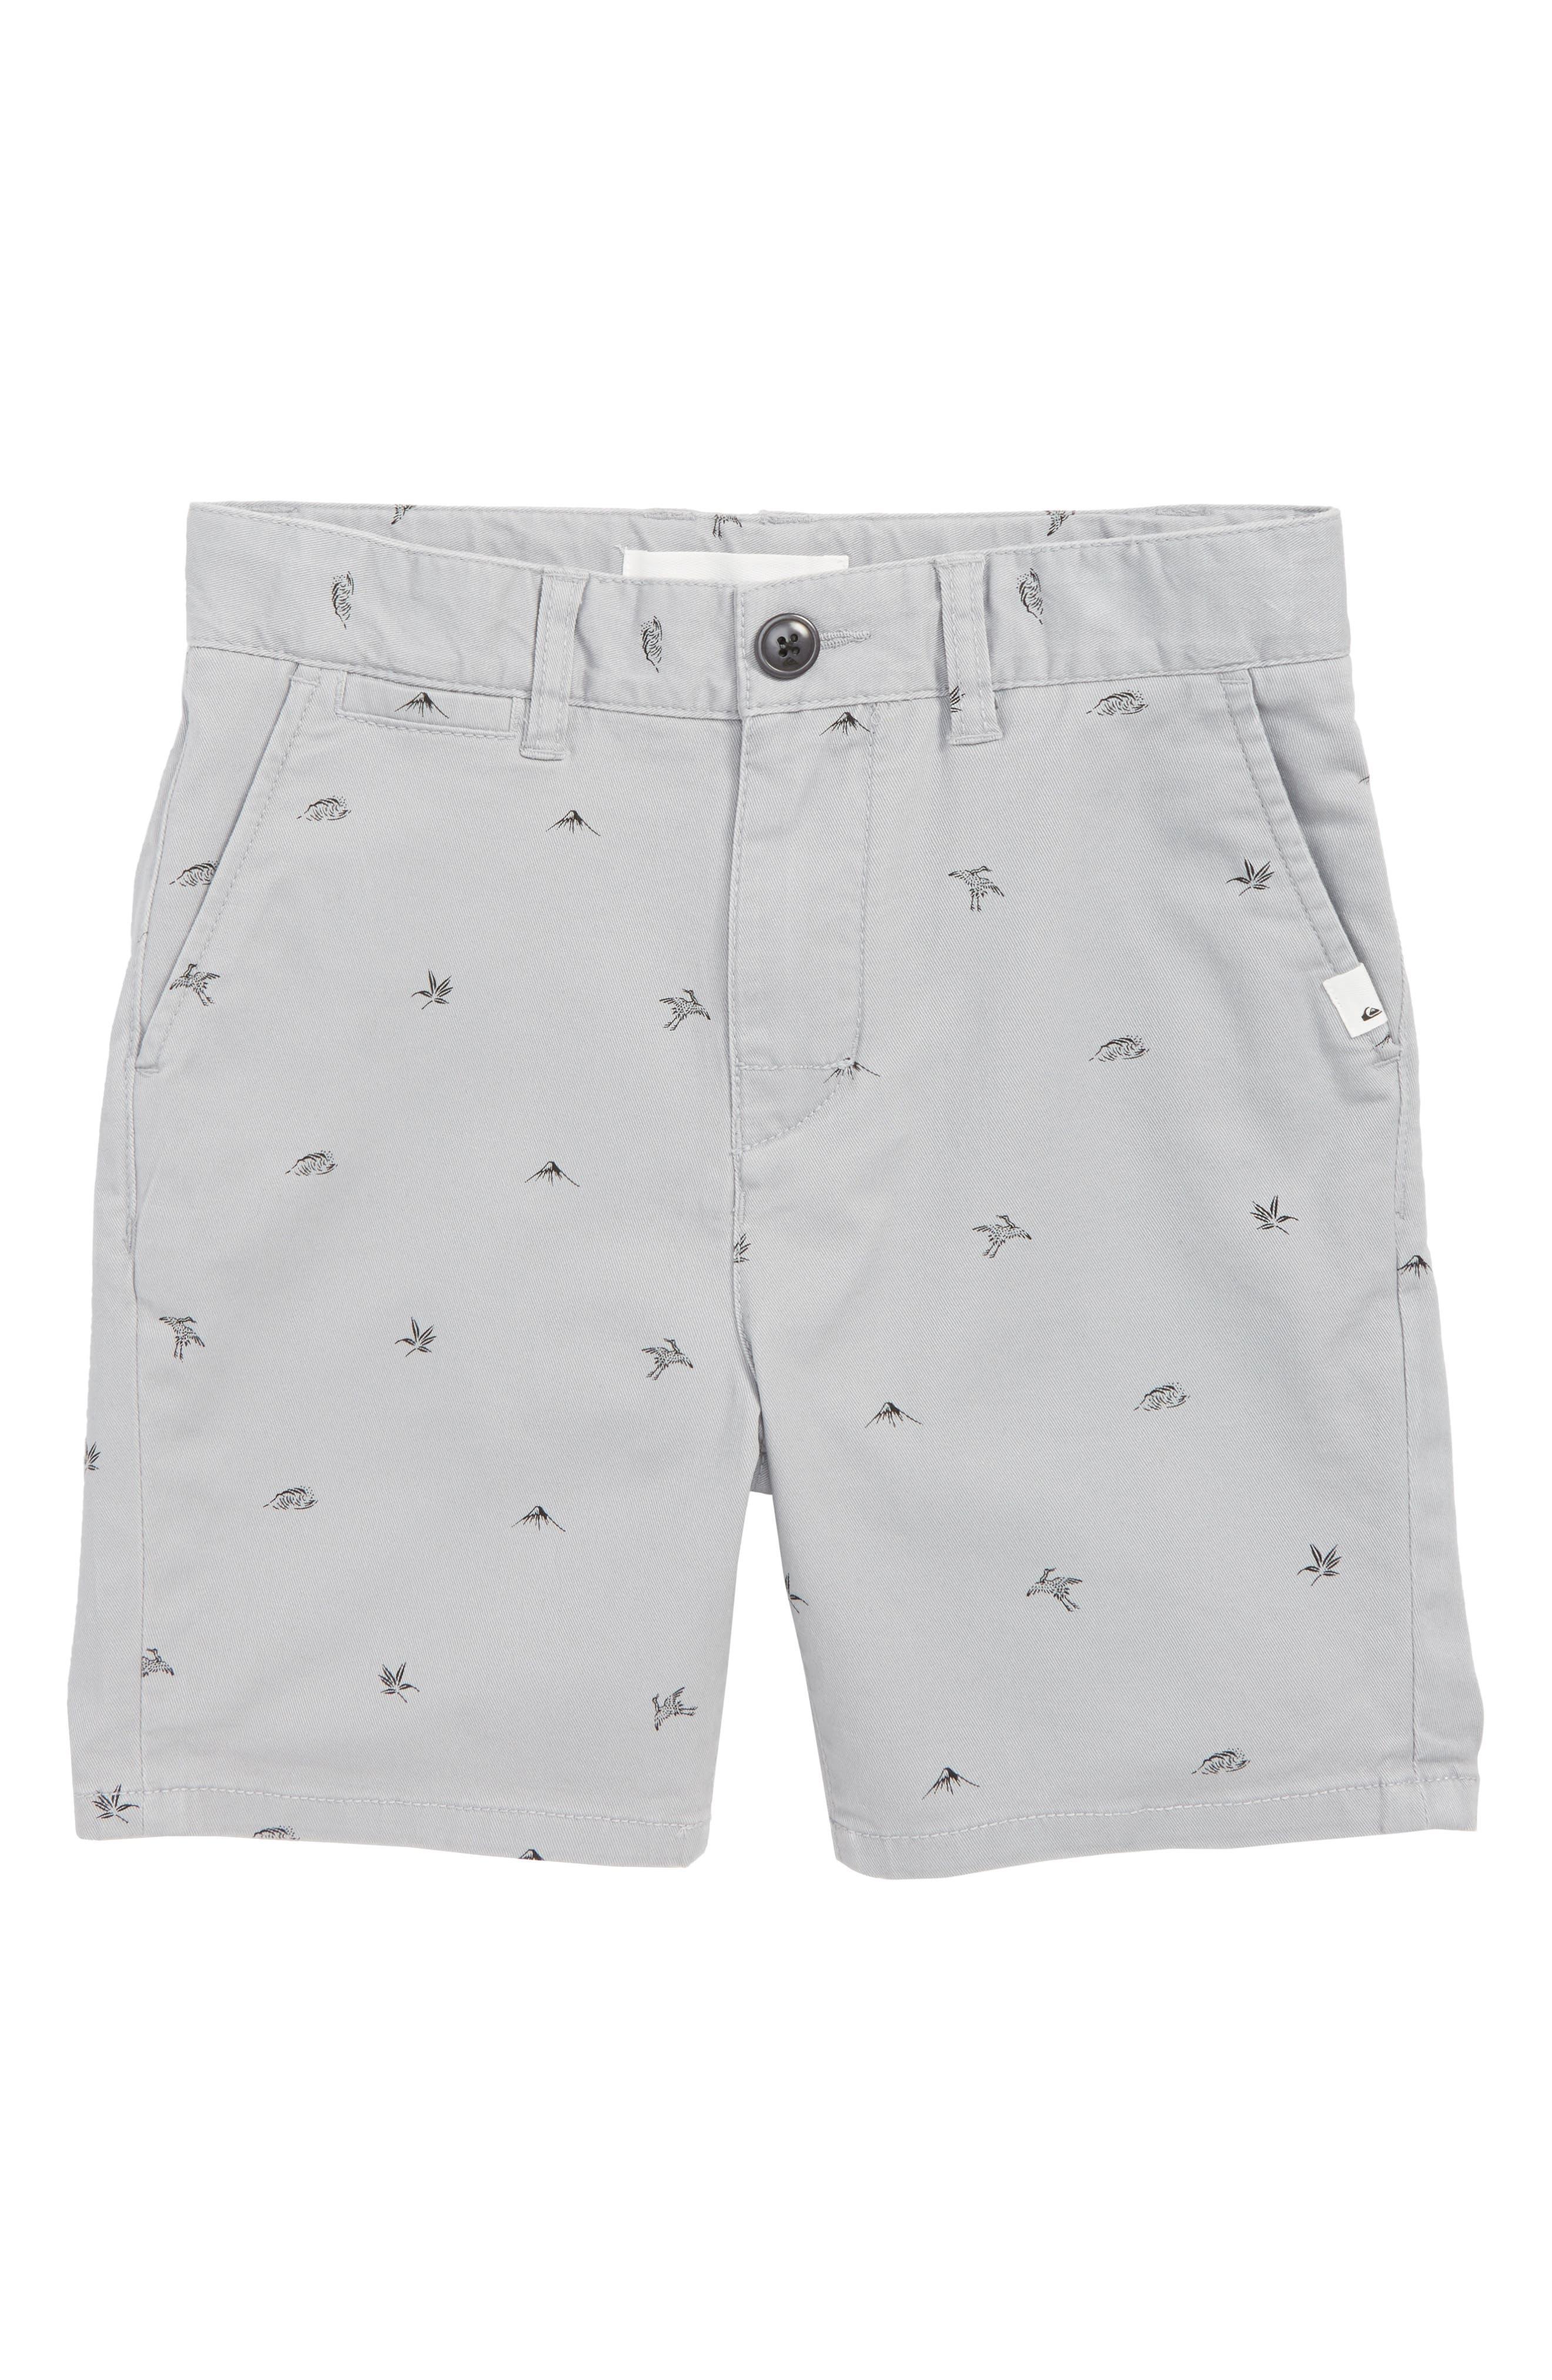 Krandy Fuji Chino Shorts,                         Main,                         color, 031